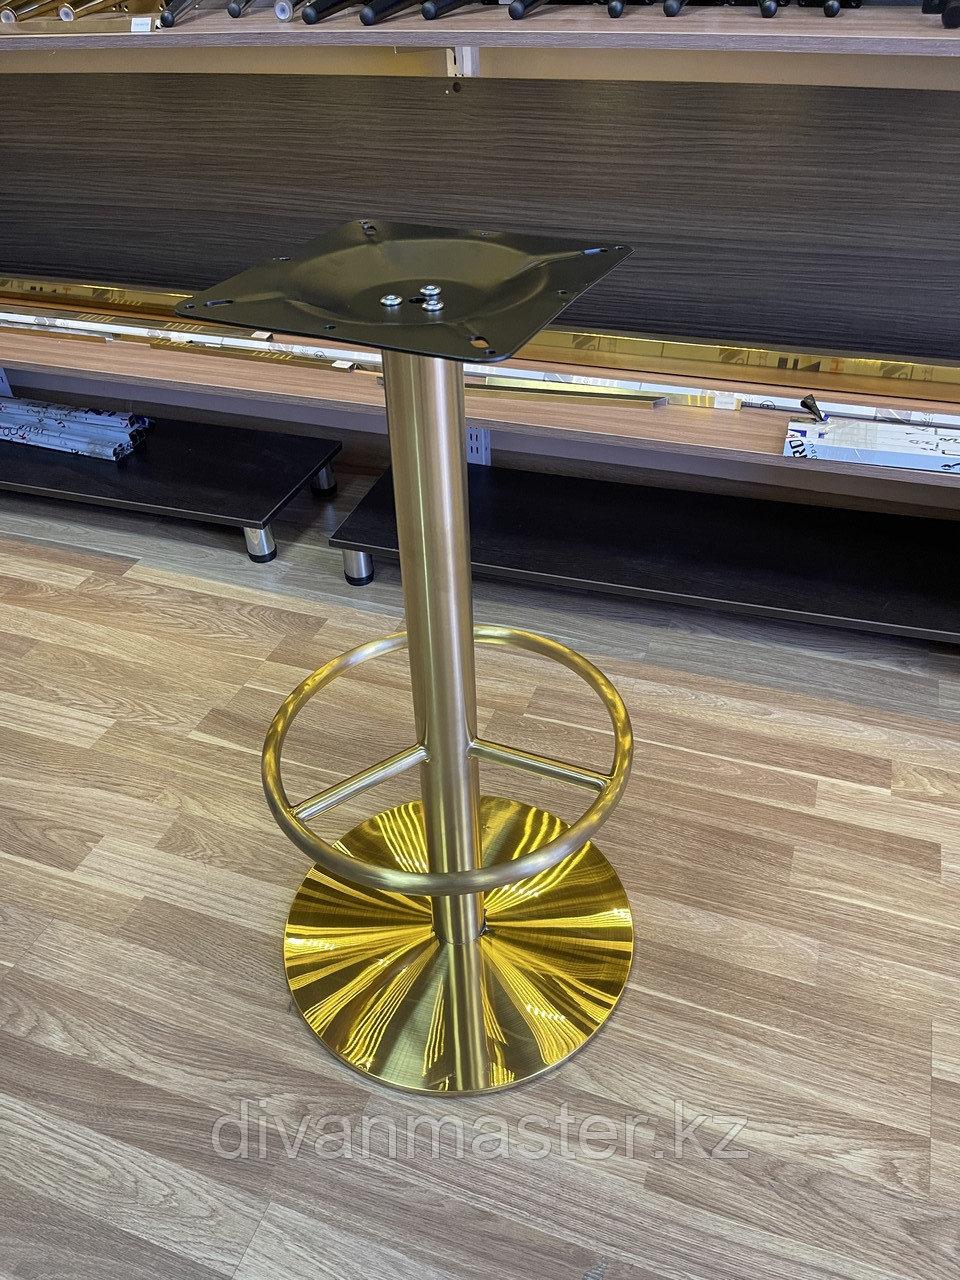 Основание для барного стула, по латунь